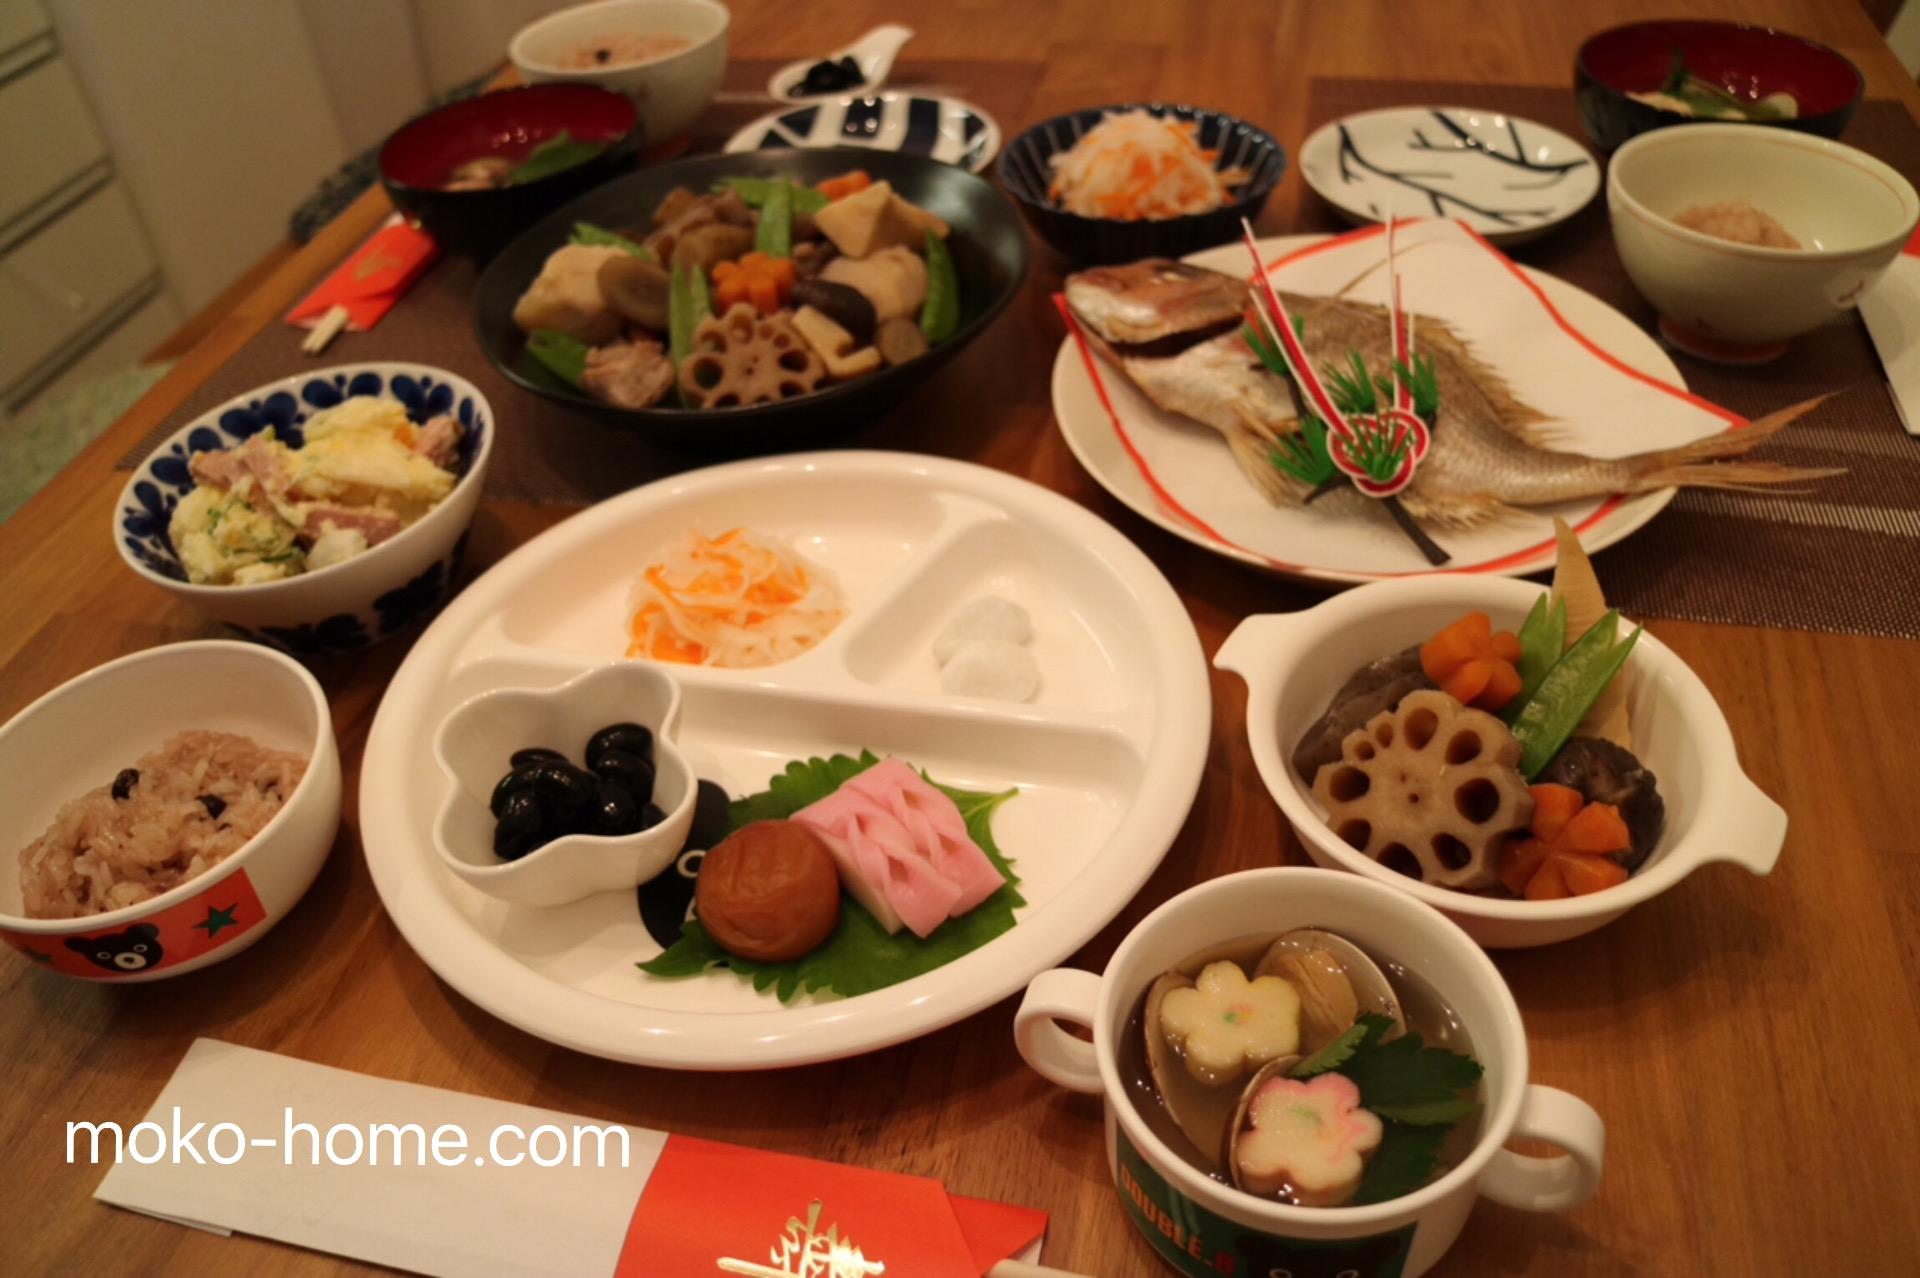 【お食い初めメニュー】自宅で生後100日祝い|使った食器や衣装も紹介